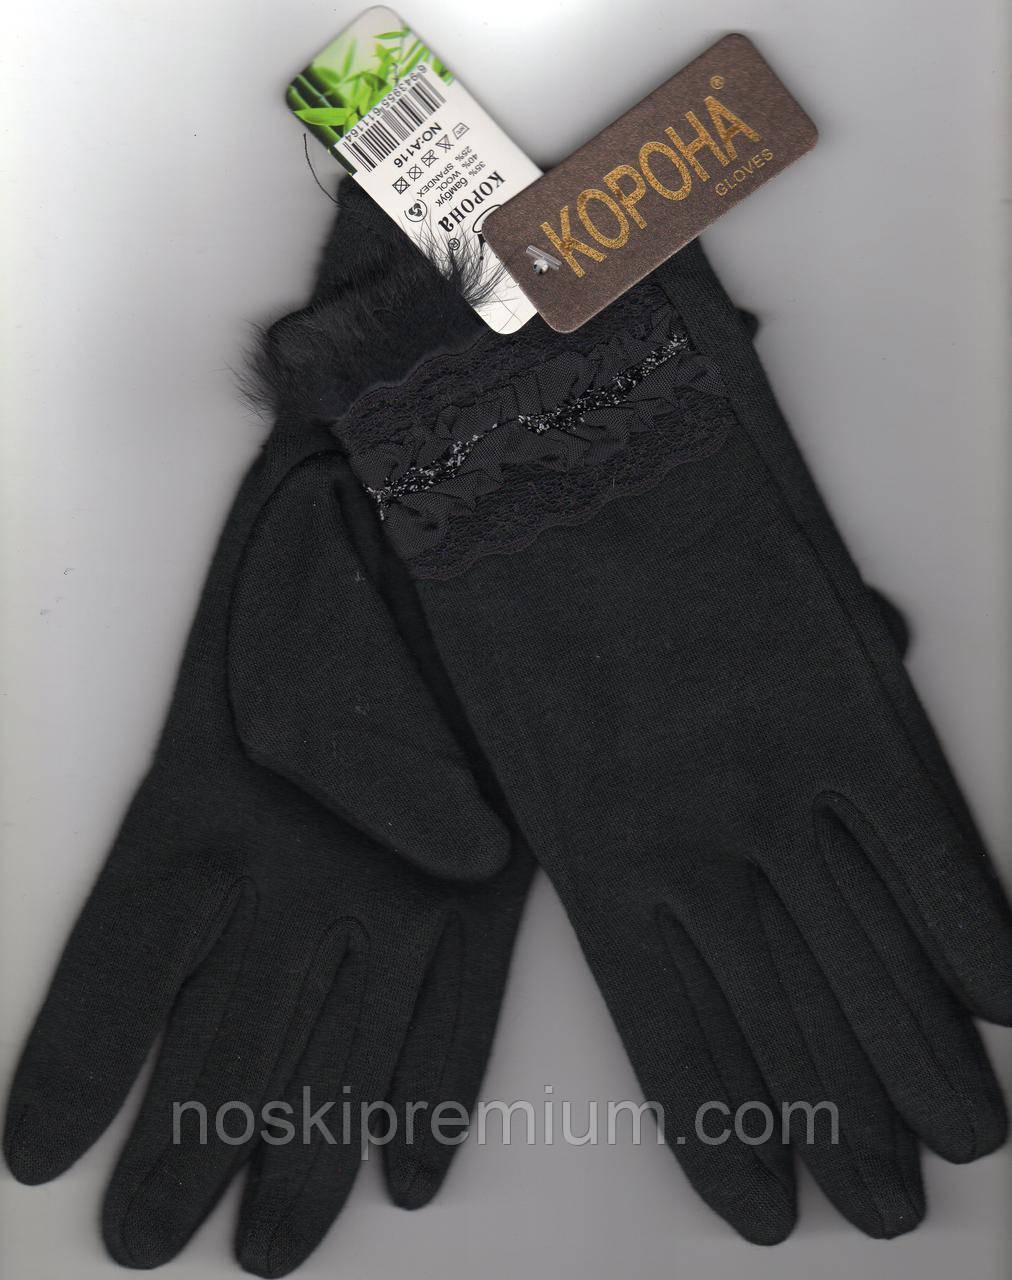 Перчатки женские кашемир на меху Корона, чёрные, размеры М,L, 7215А-4